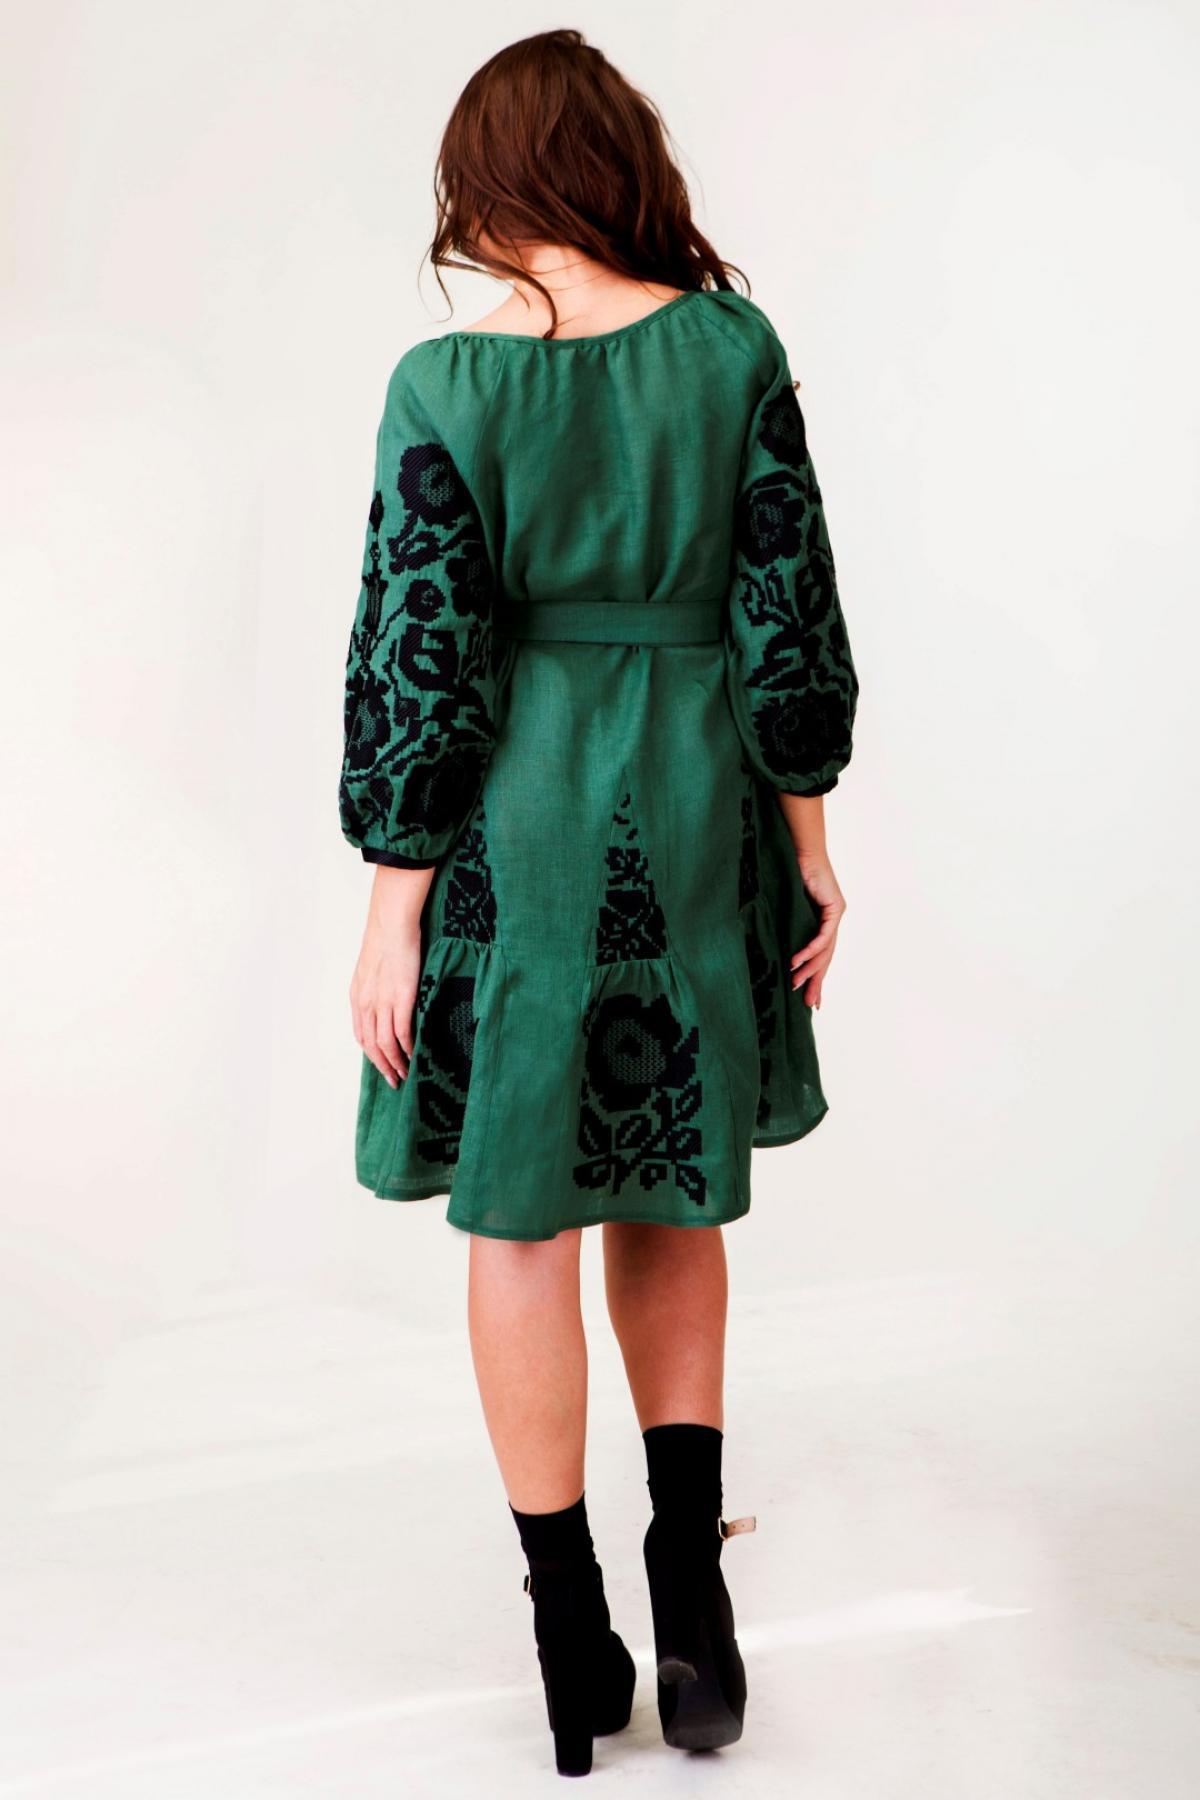 Оливково-зелена вишита сукня. Фото №2. | Народний дім Україна